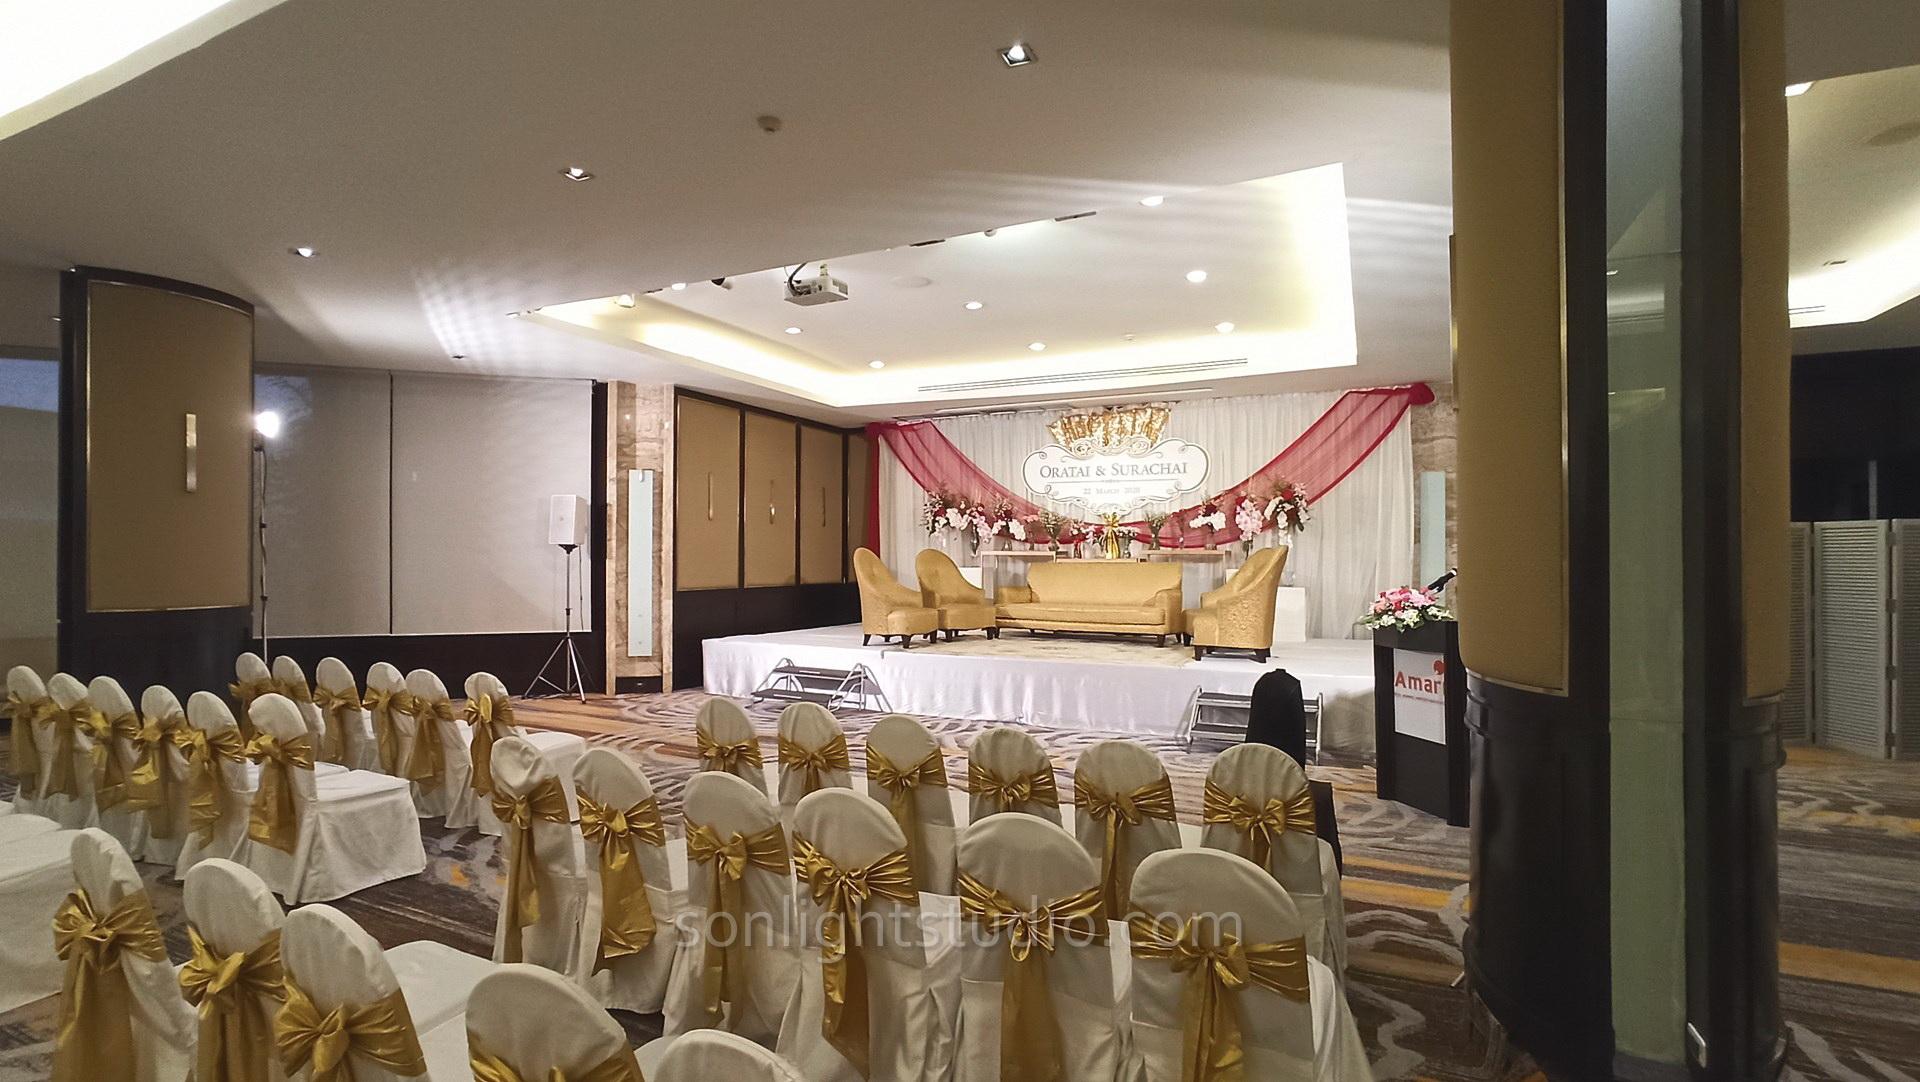 ไฟสปอตไลท์ฮาโลเจน ส่องสว่างในพิธีแต่งงาน